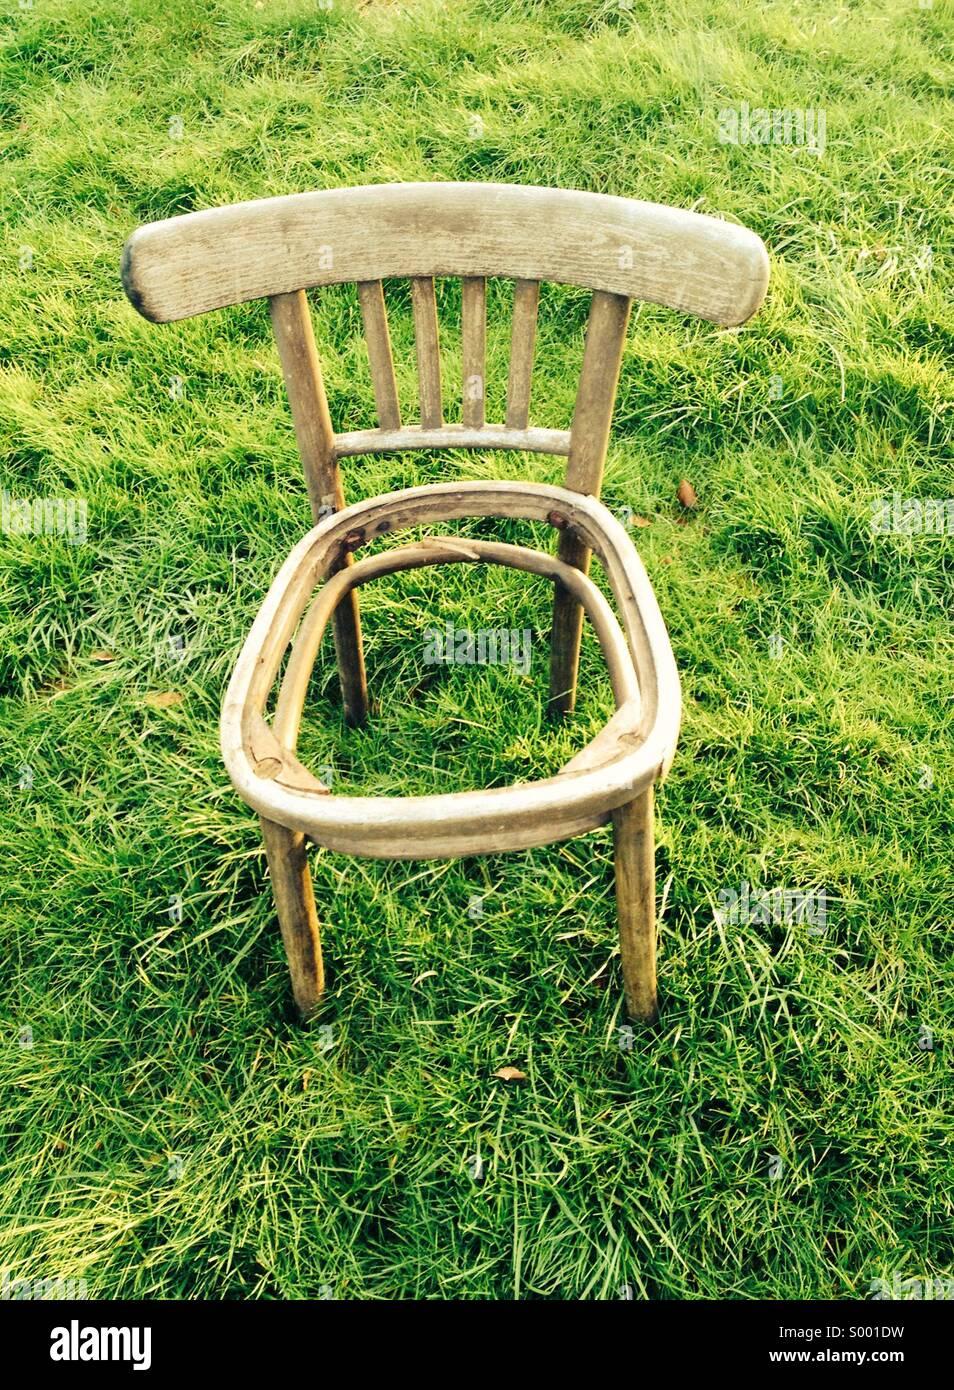 Silla vacía, redundante silla de madera con asiento que falta Imagen De Stock